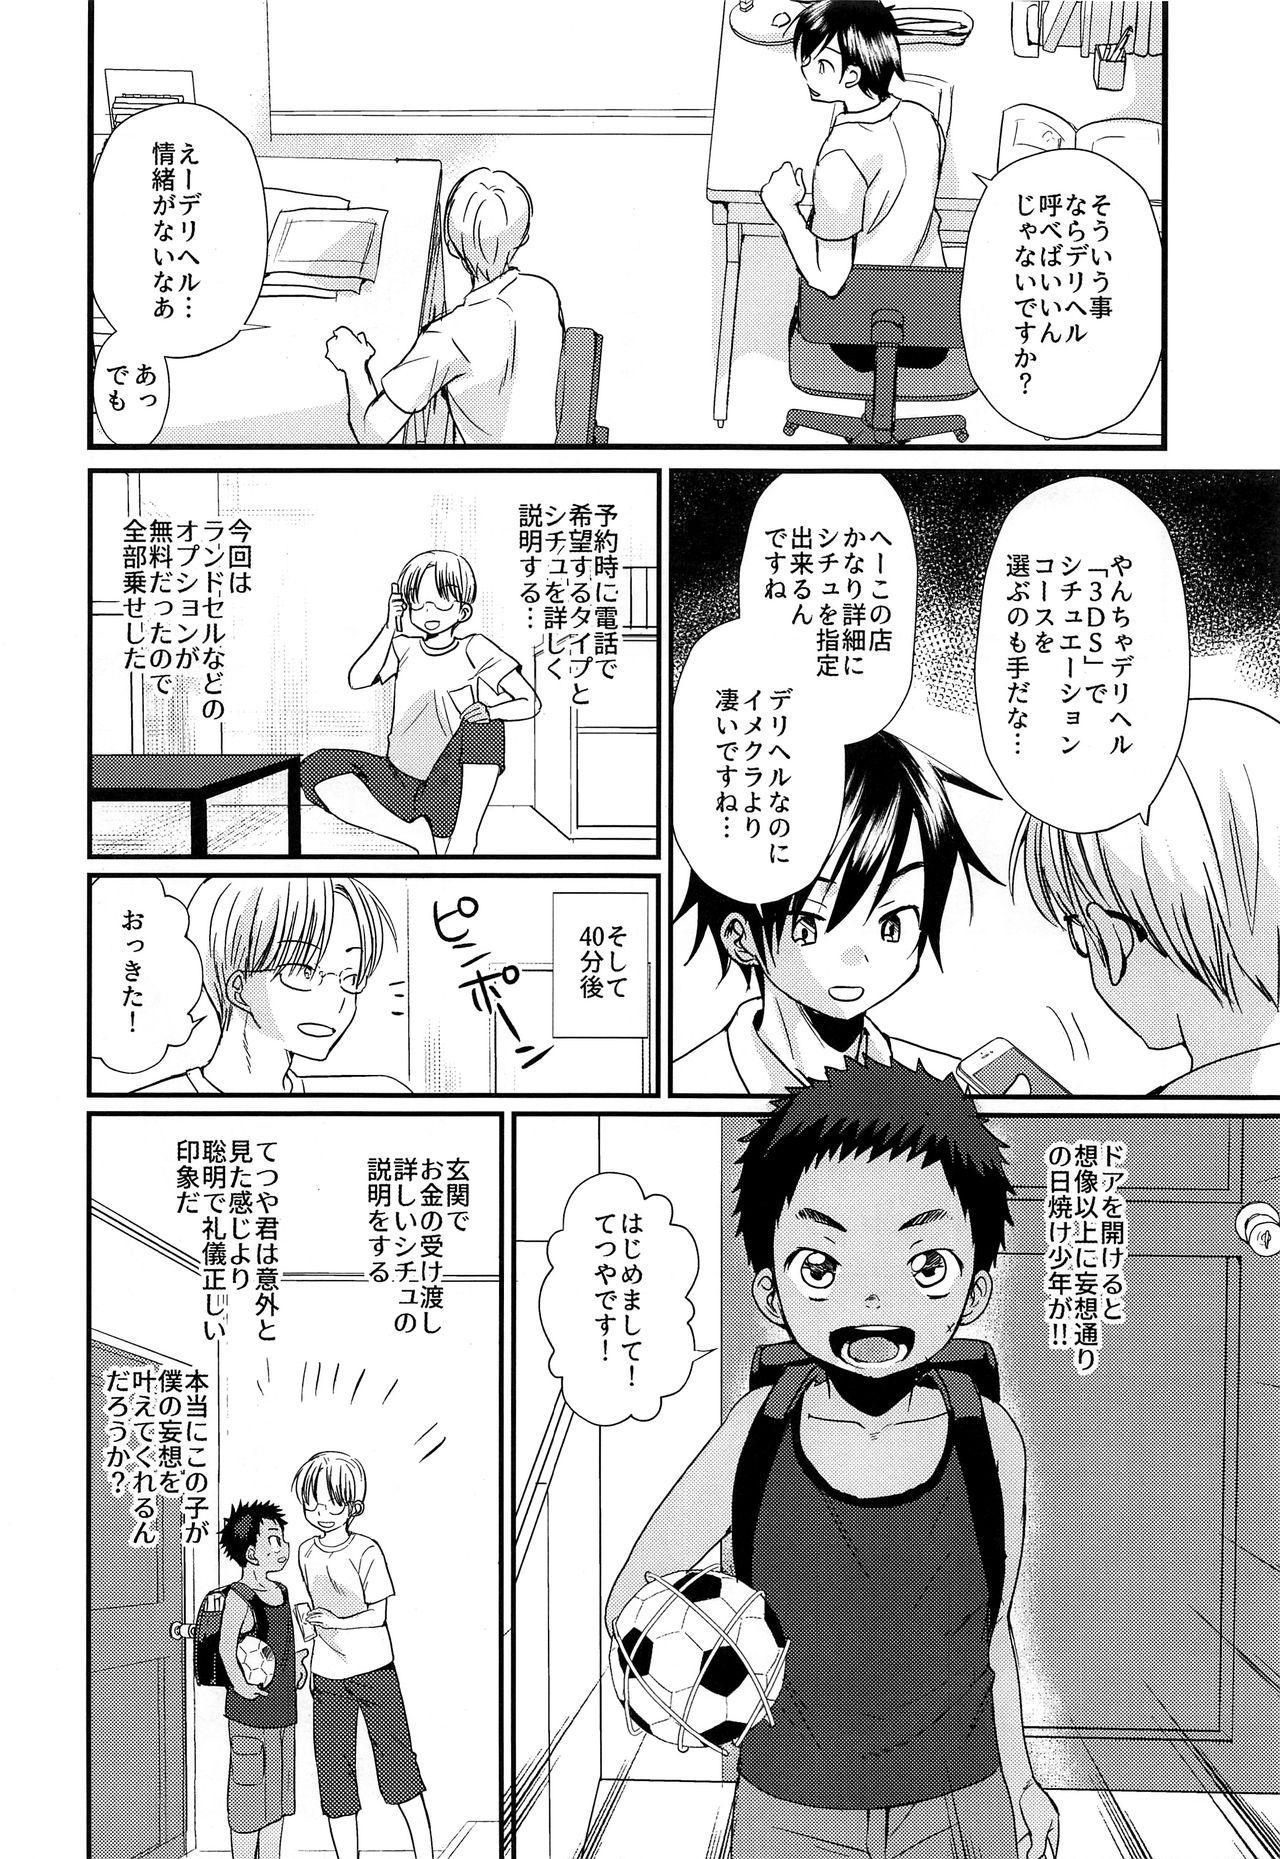 Tokumori! Shota Fuuzoku Saizensen 31